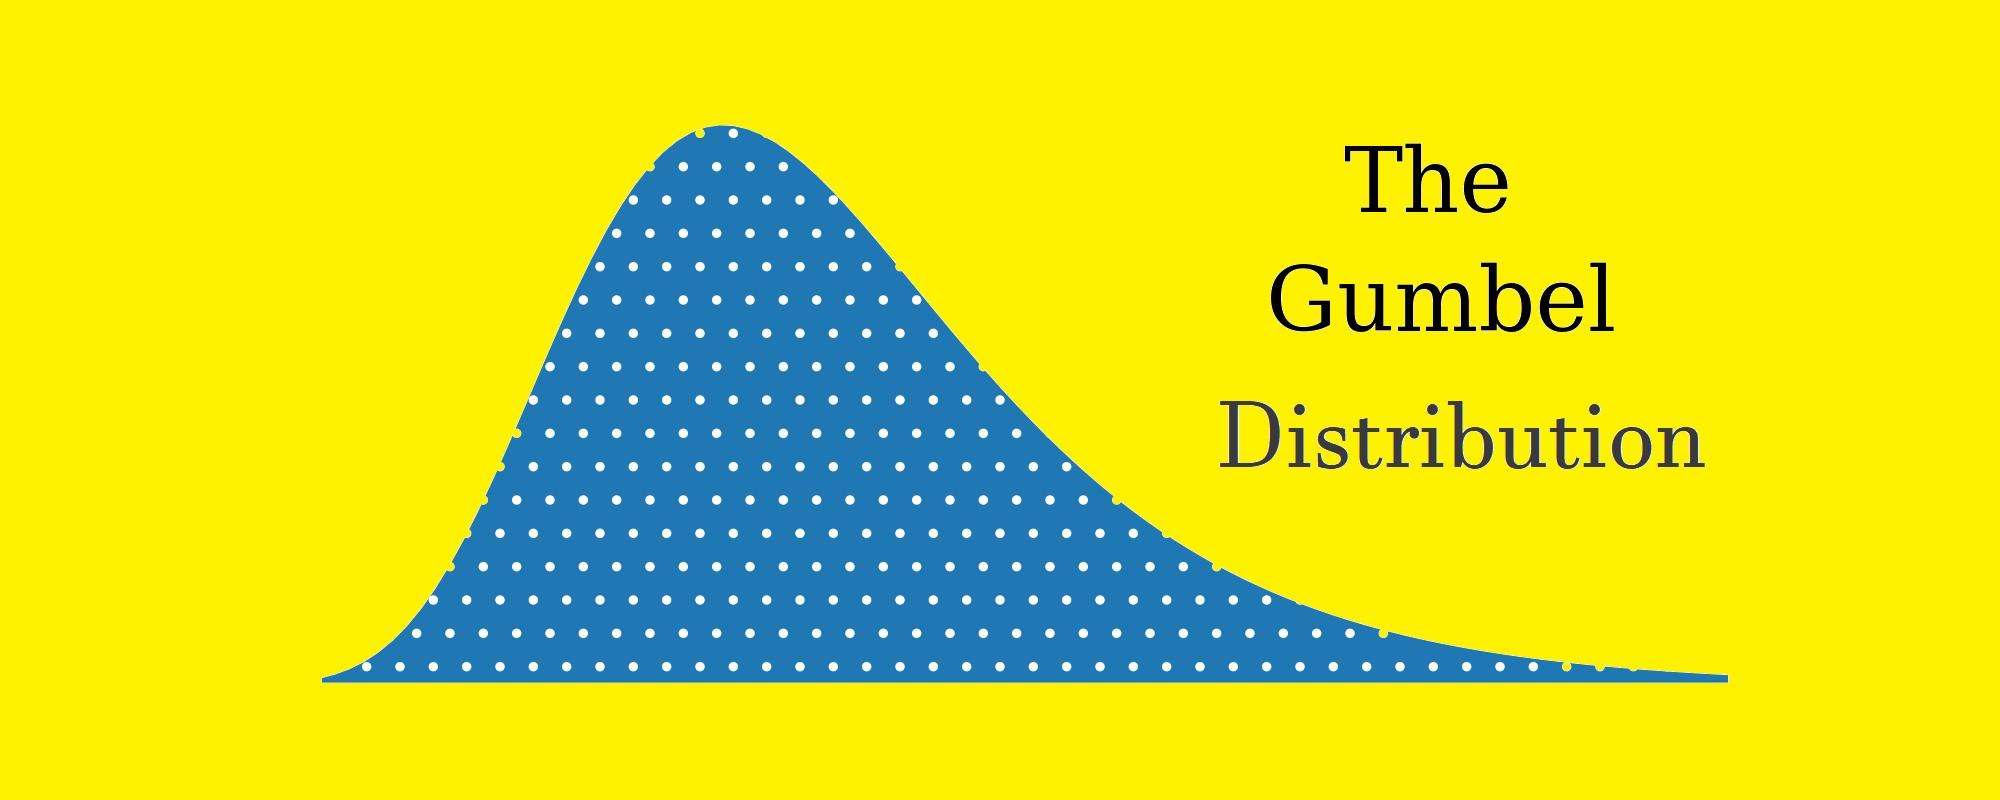 متغیر تصادفی و توزیع گامبل — به زبان ساده